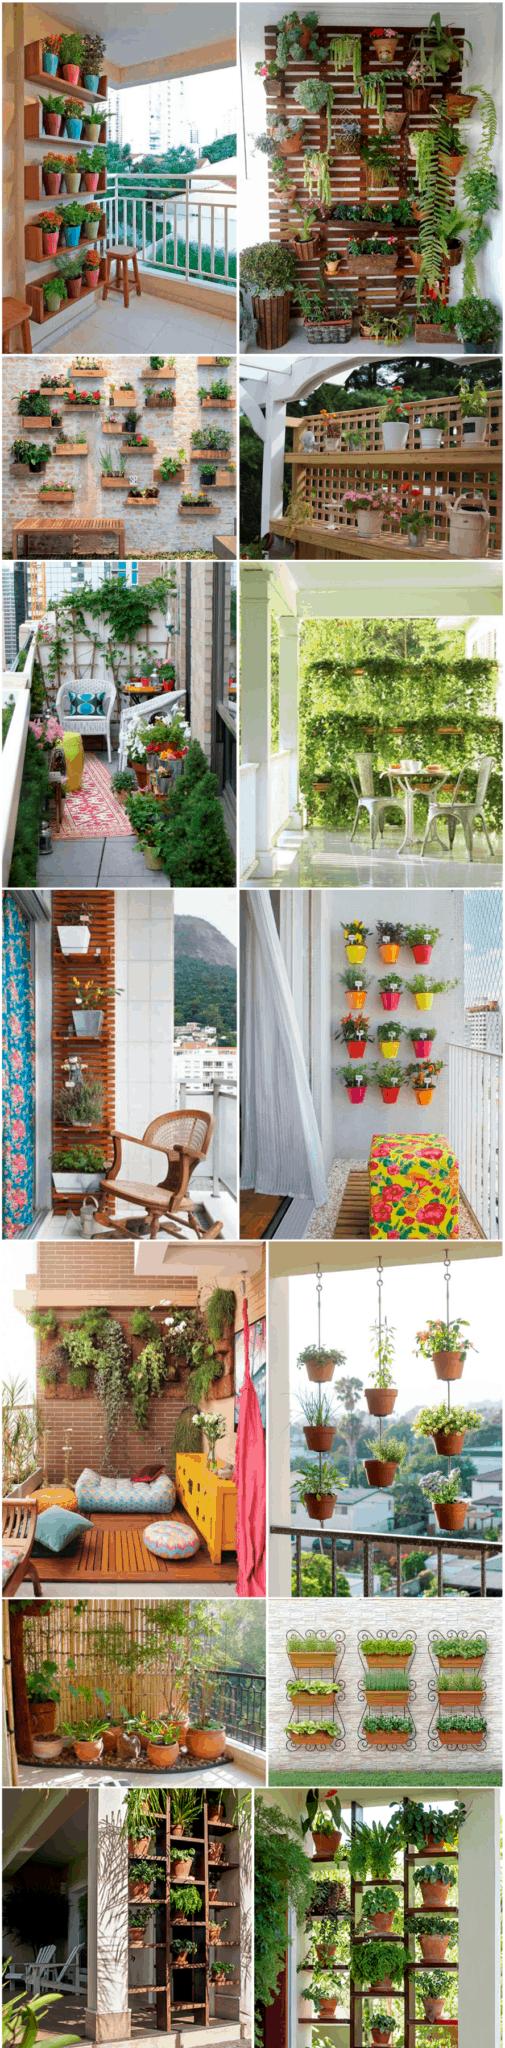 jardim-dos-sonhos-decorar-com-charme-parede-verde